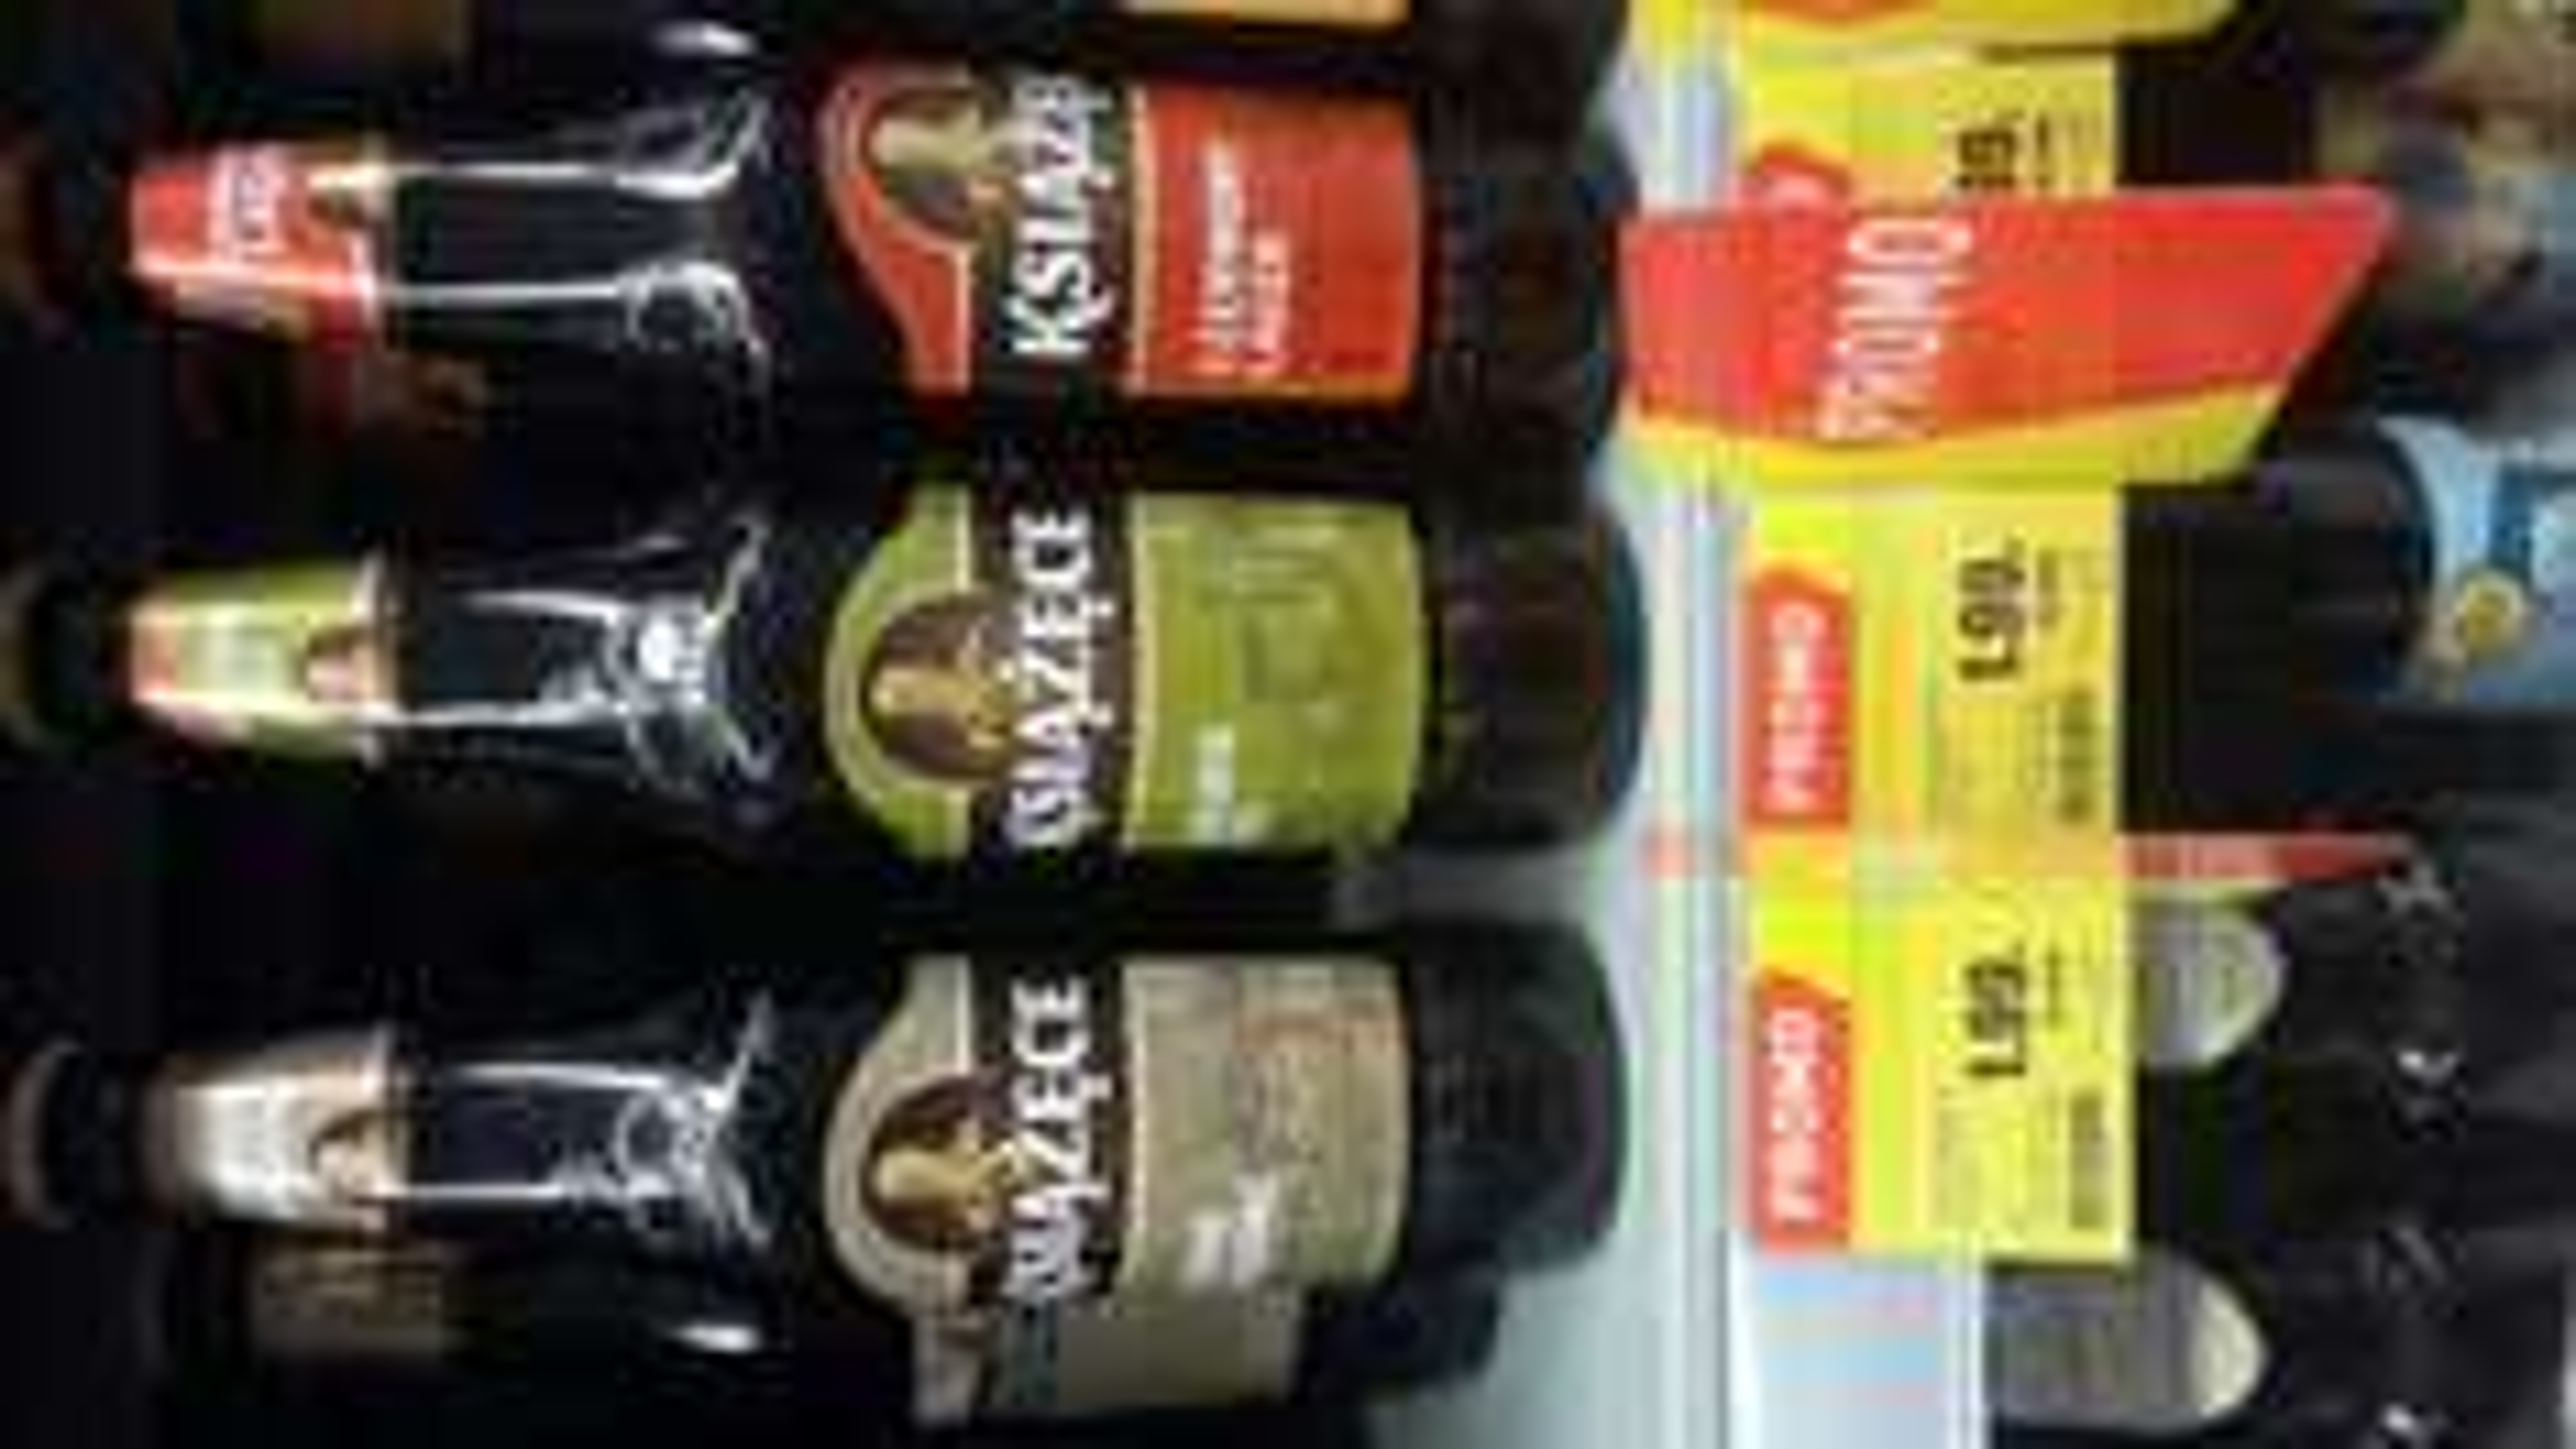 Piwo Książece Ciemne Łagodne, Golden Ale, Czerwony Lager 0.5L @Intermarche